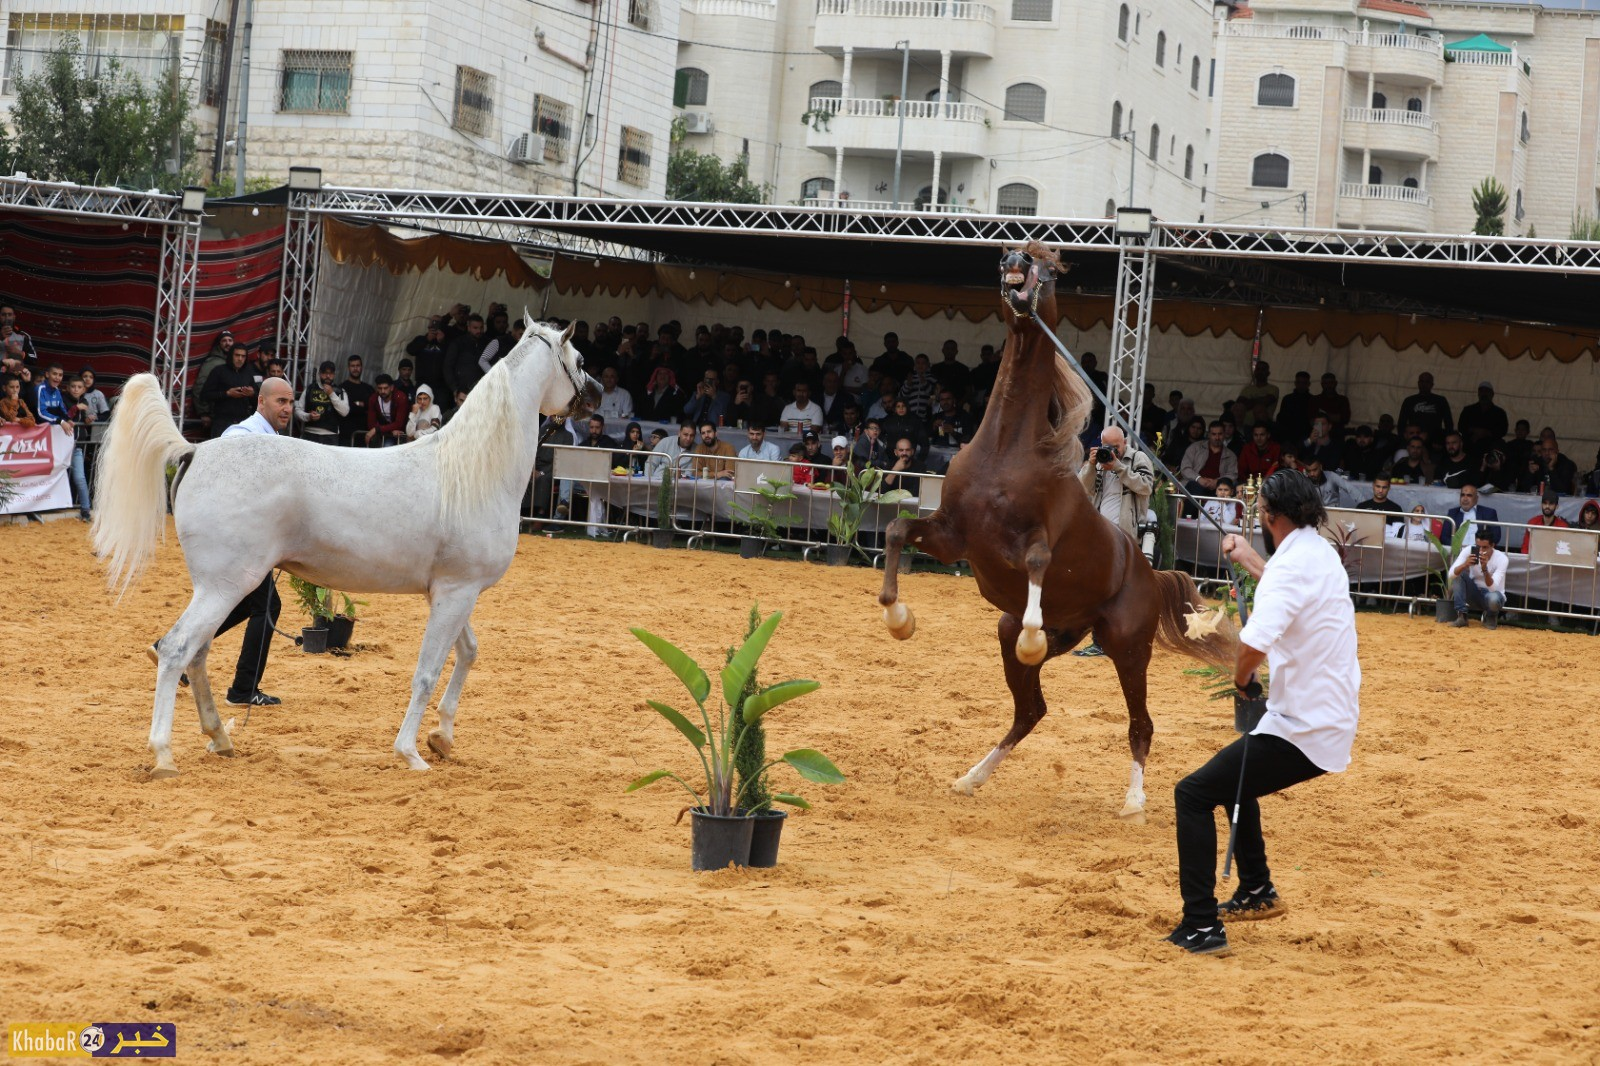 مسابقة جمال الخيول العربيةالاصيلةبمشاركة عشرات الخيول في فلسطينوالتي اقيمت بالخليل